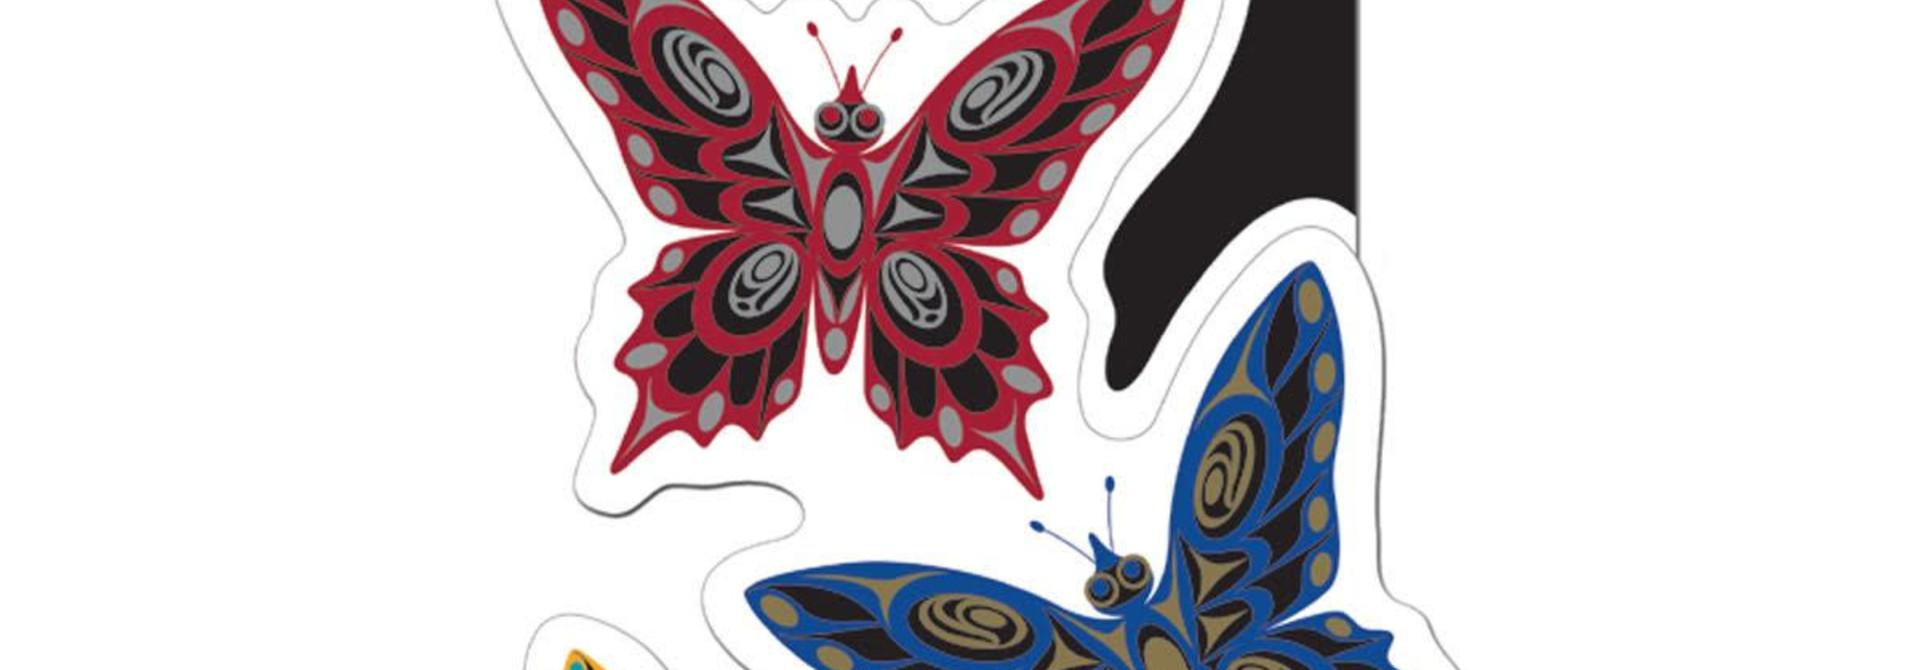 Decal-Butterflies by Joe Wilson-Sxwaset